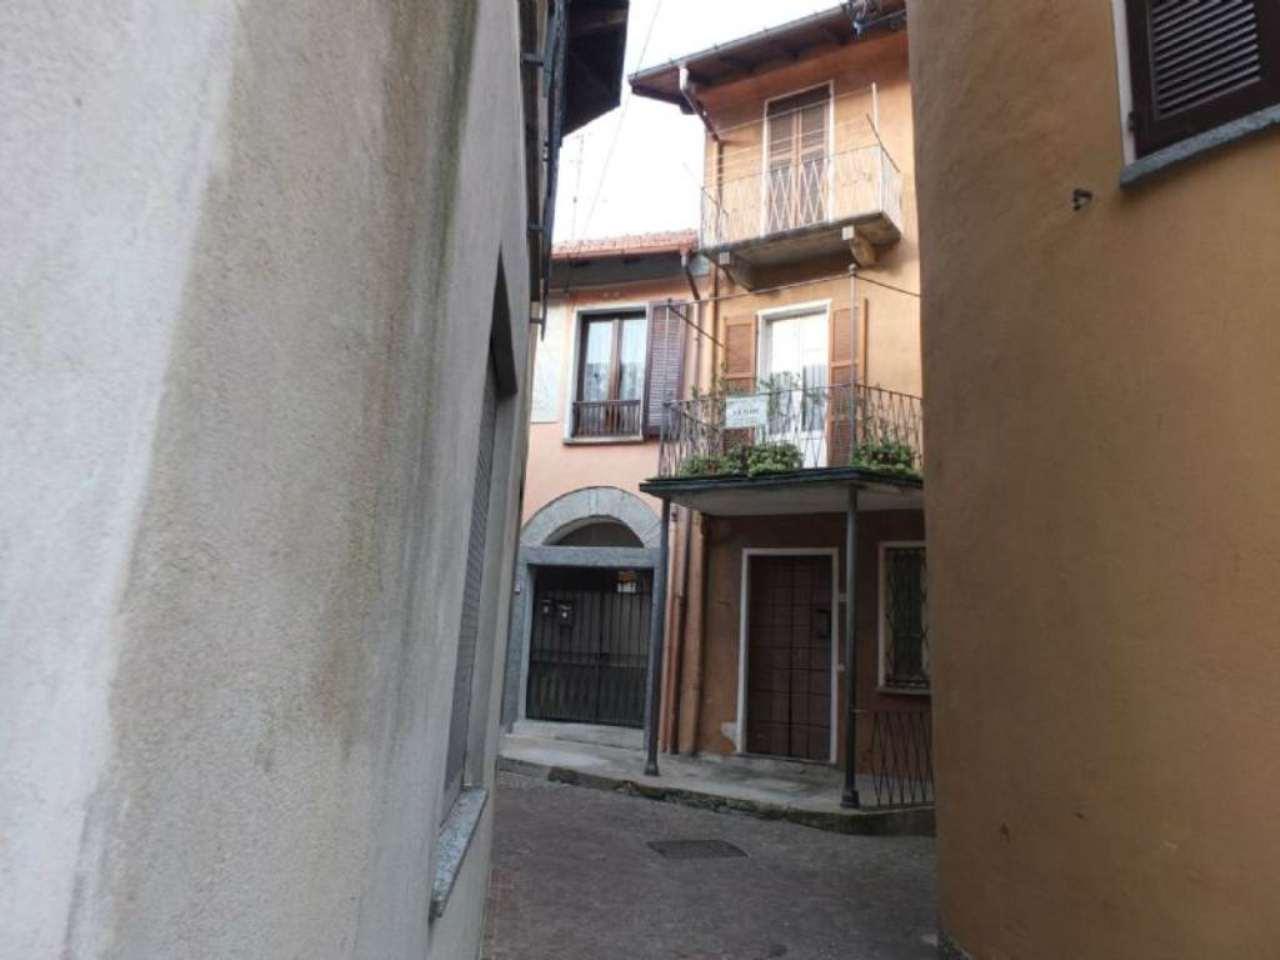 Soluzione Semindipendente in vendita a Maccagno con Pino e Veddasca, 4 locali, prezzo € 55.000   CambioCasa.it